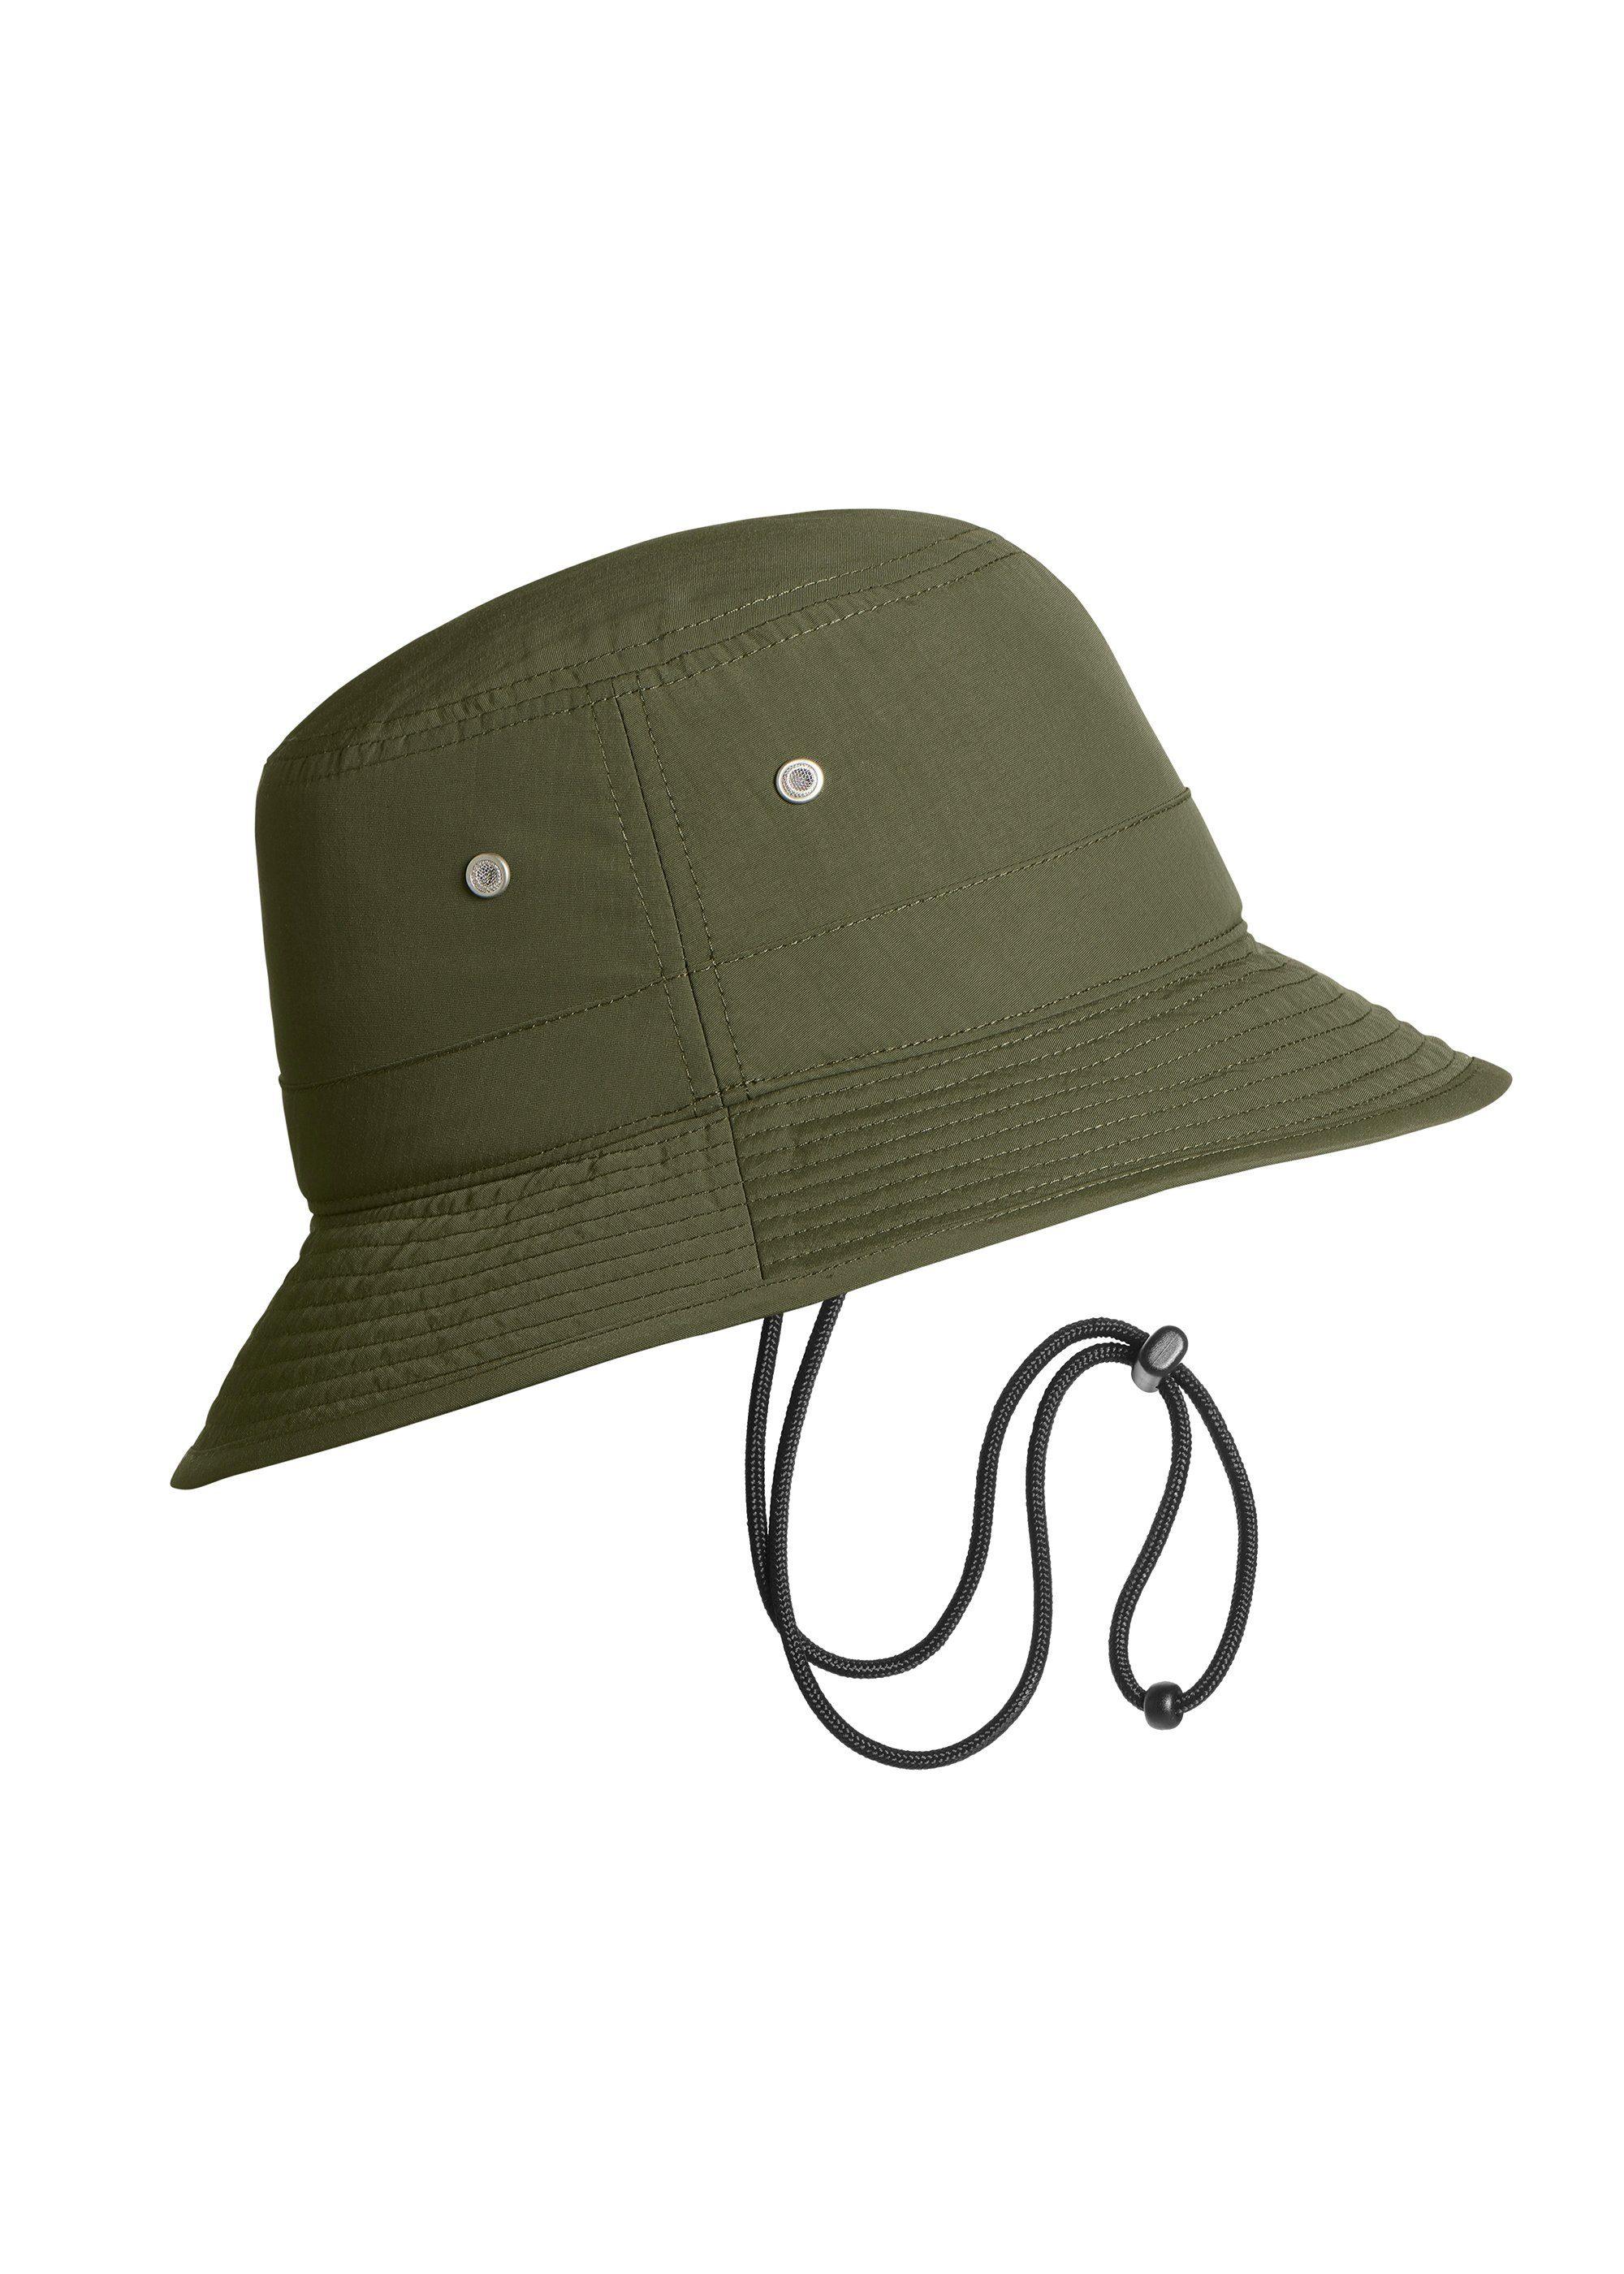 STÖHR Hut für Damen mit Bindeband   Accessoires > Hüte > Sonnenhüte   Stöhr